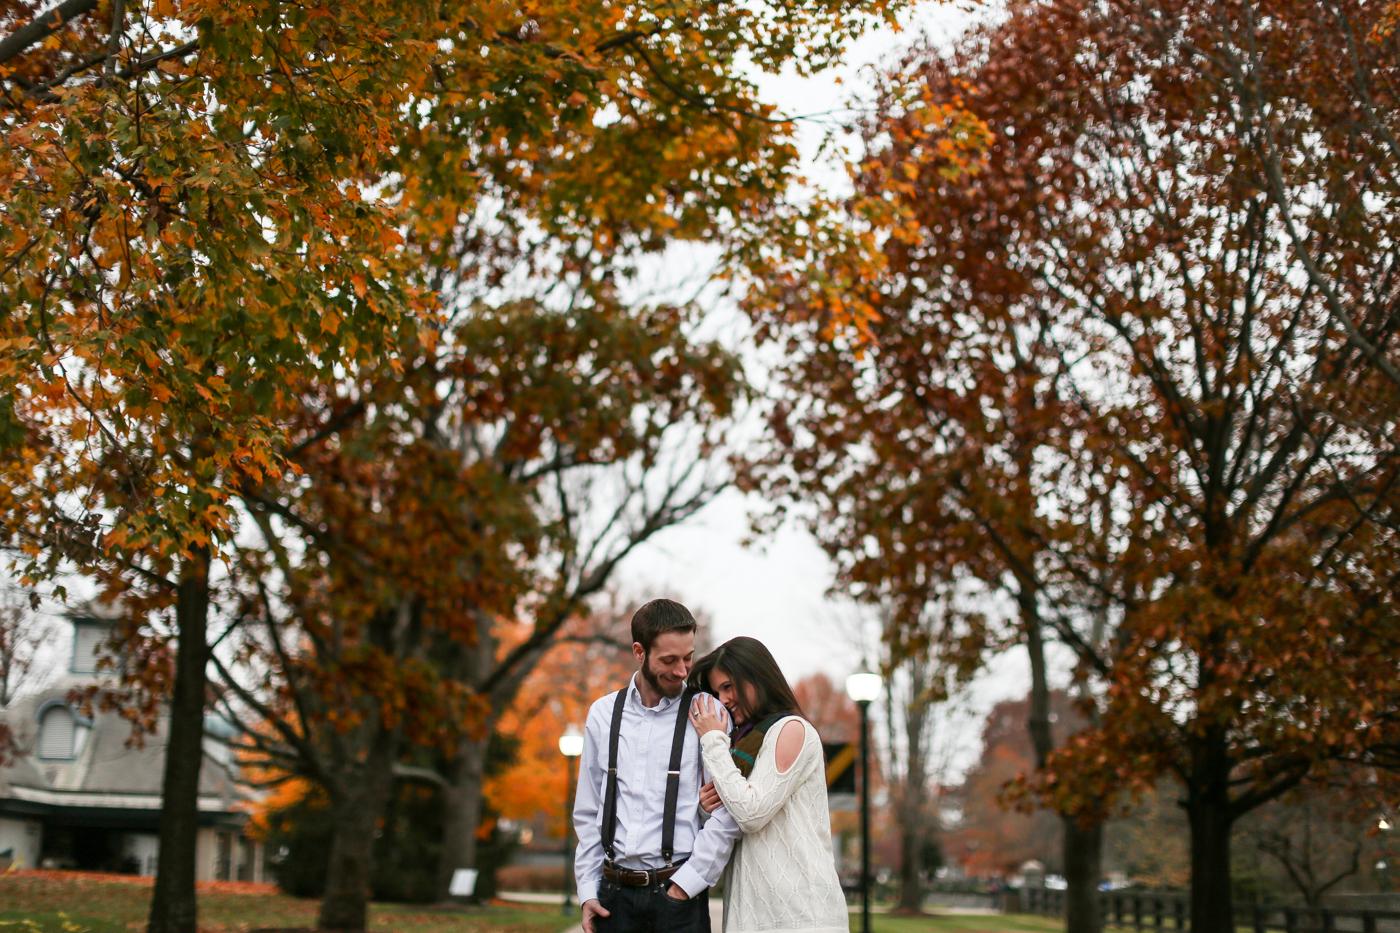 Fall-engagement-wedding-photographer-Kentucky-Bourbon-25.jpg